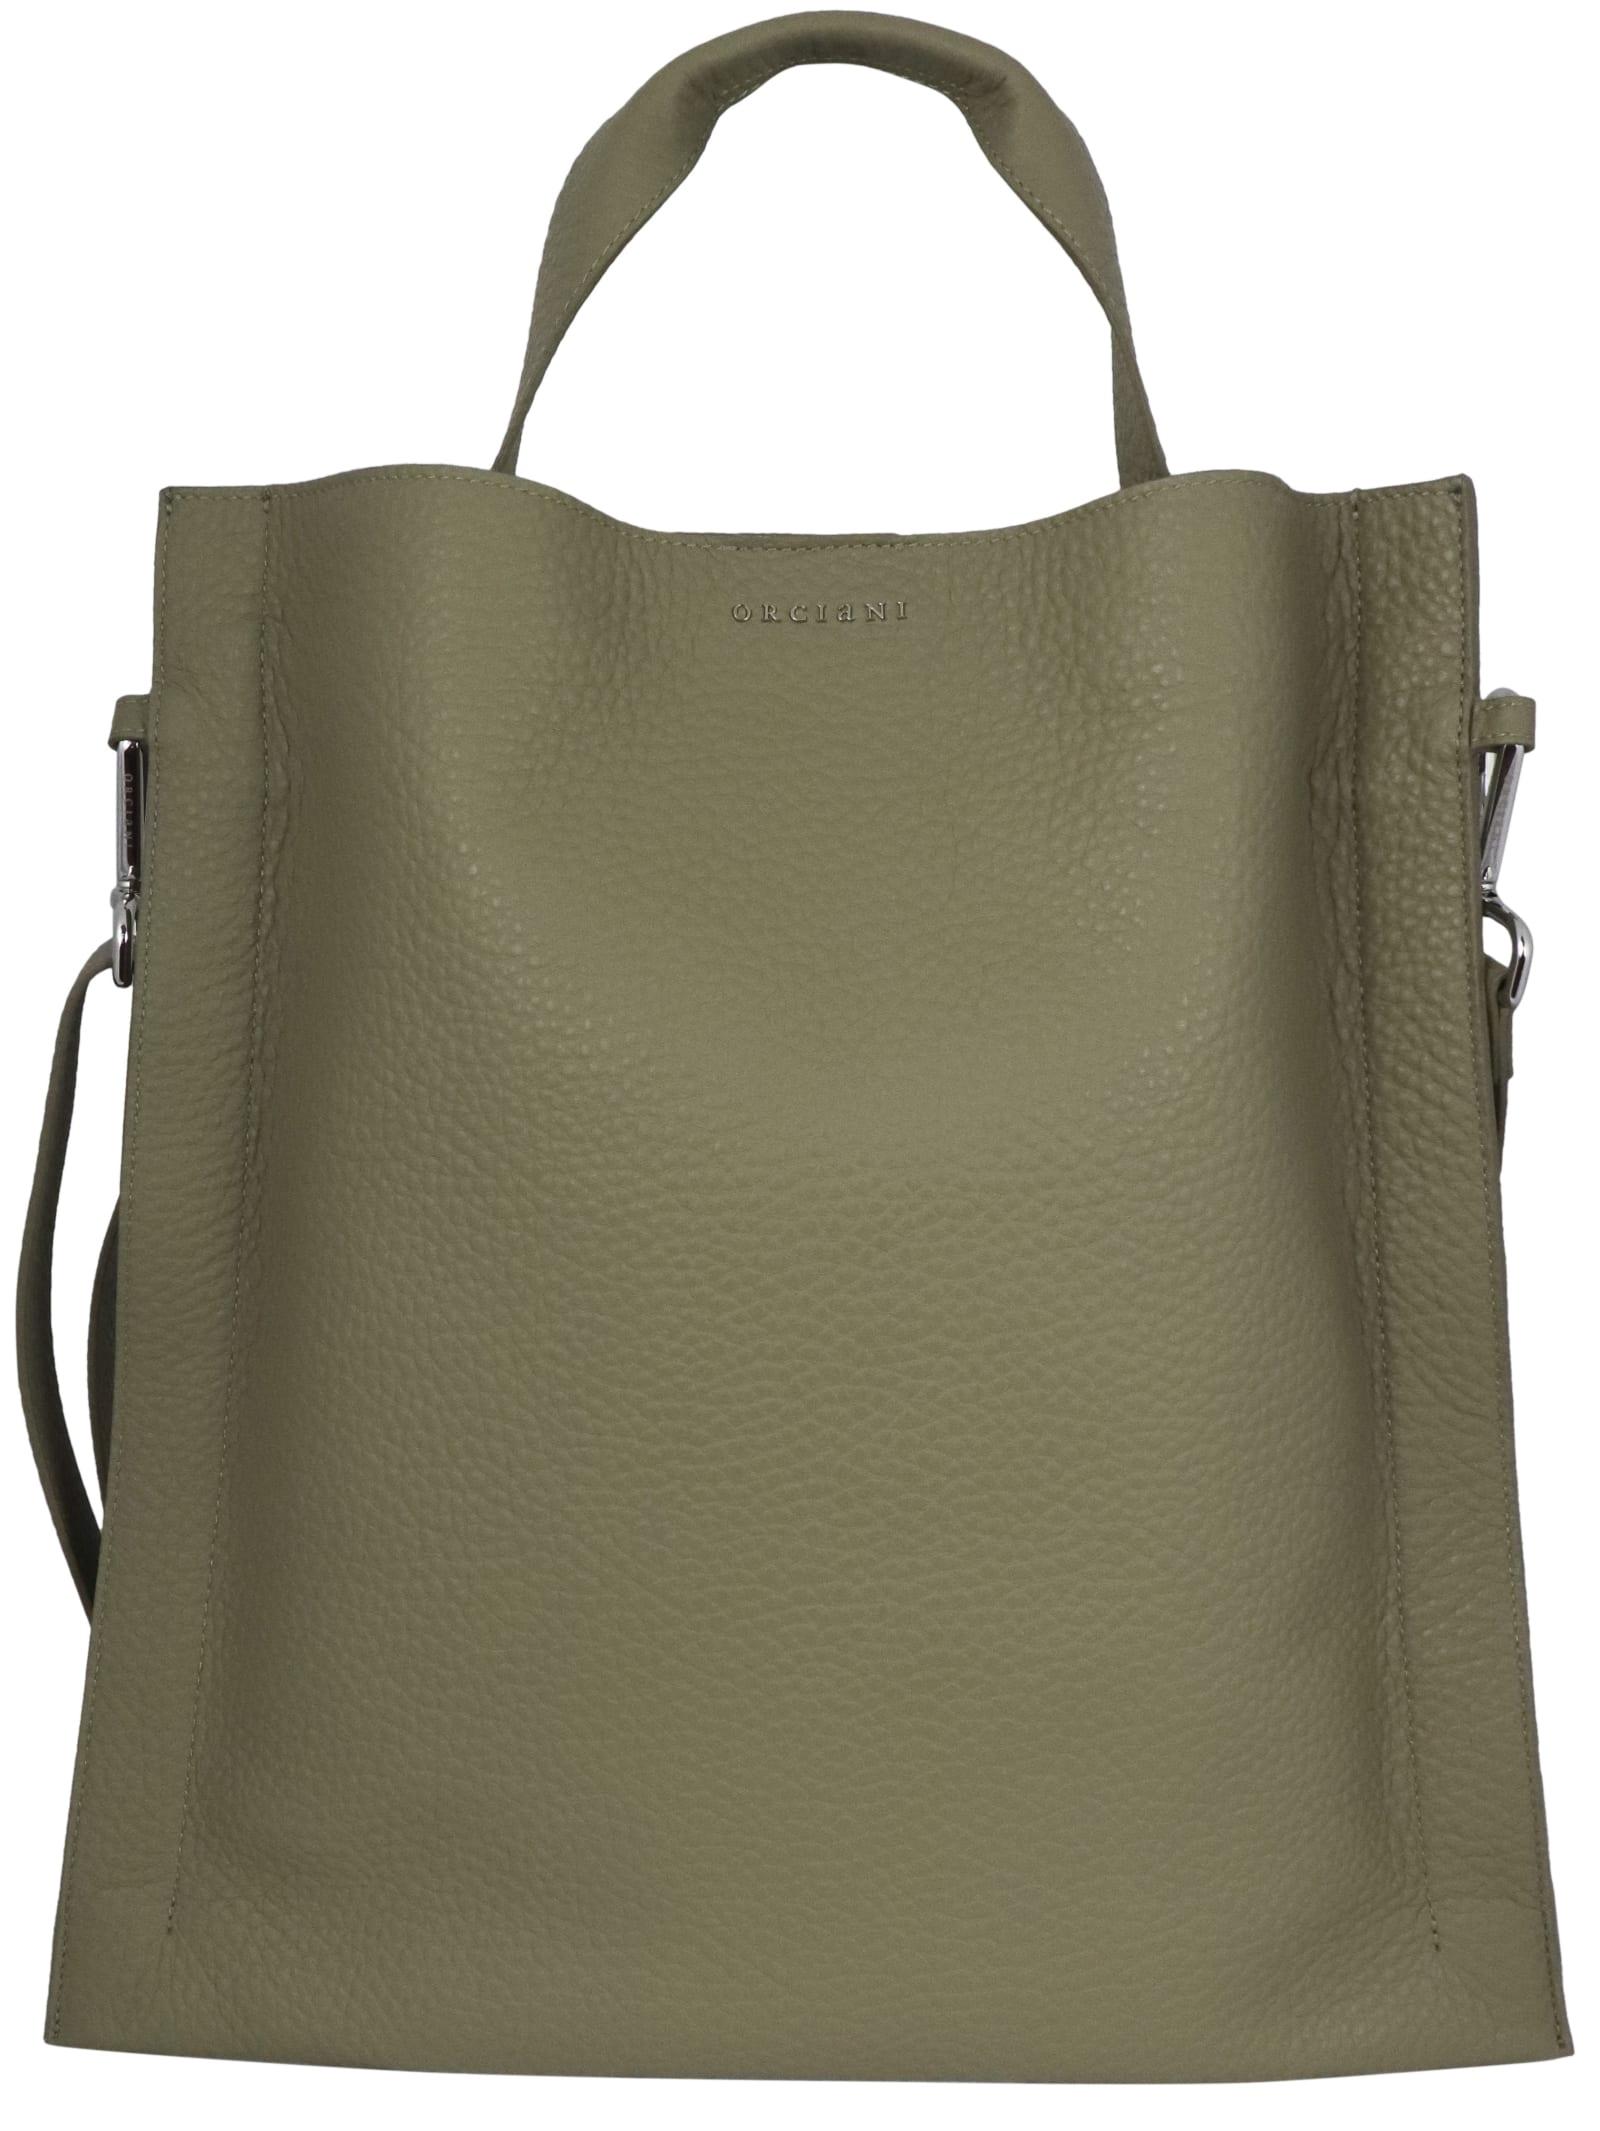 Orciani Iris Hobo Bag